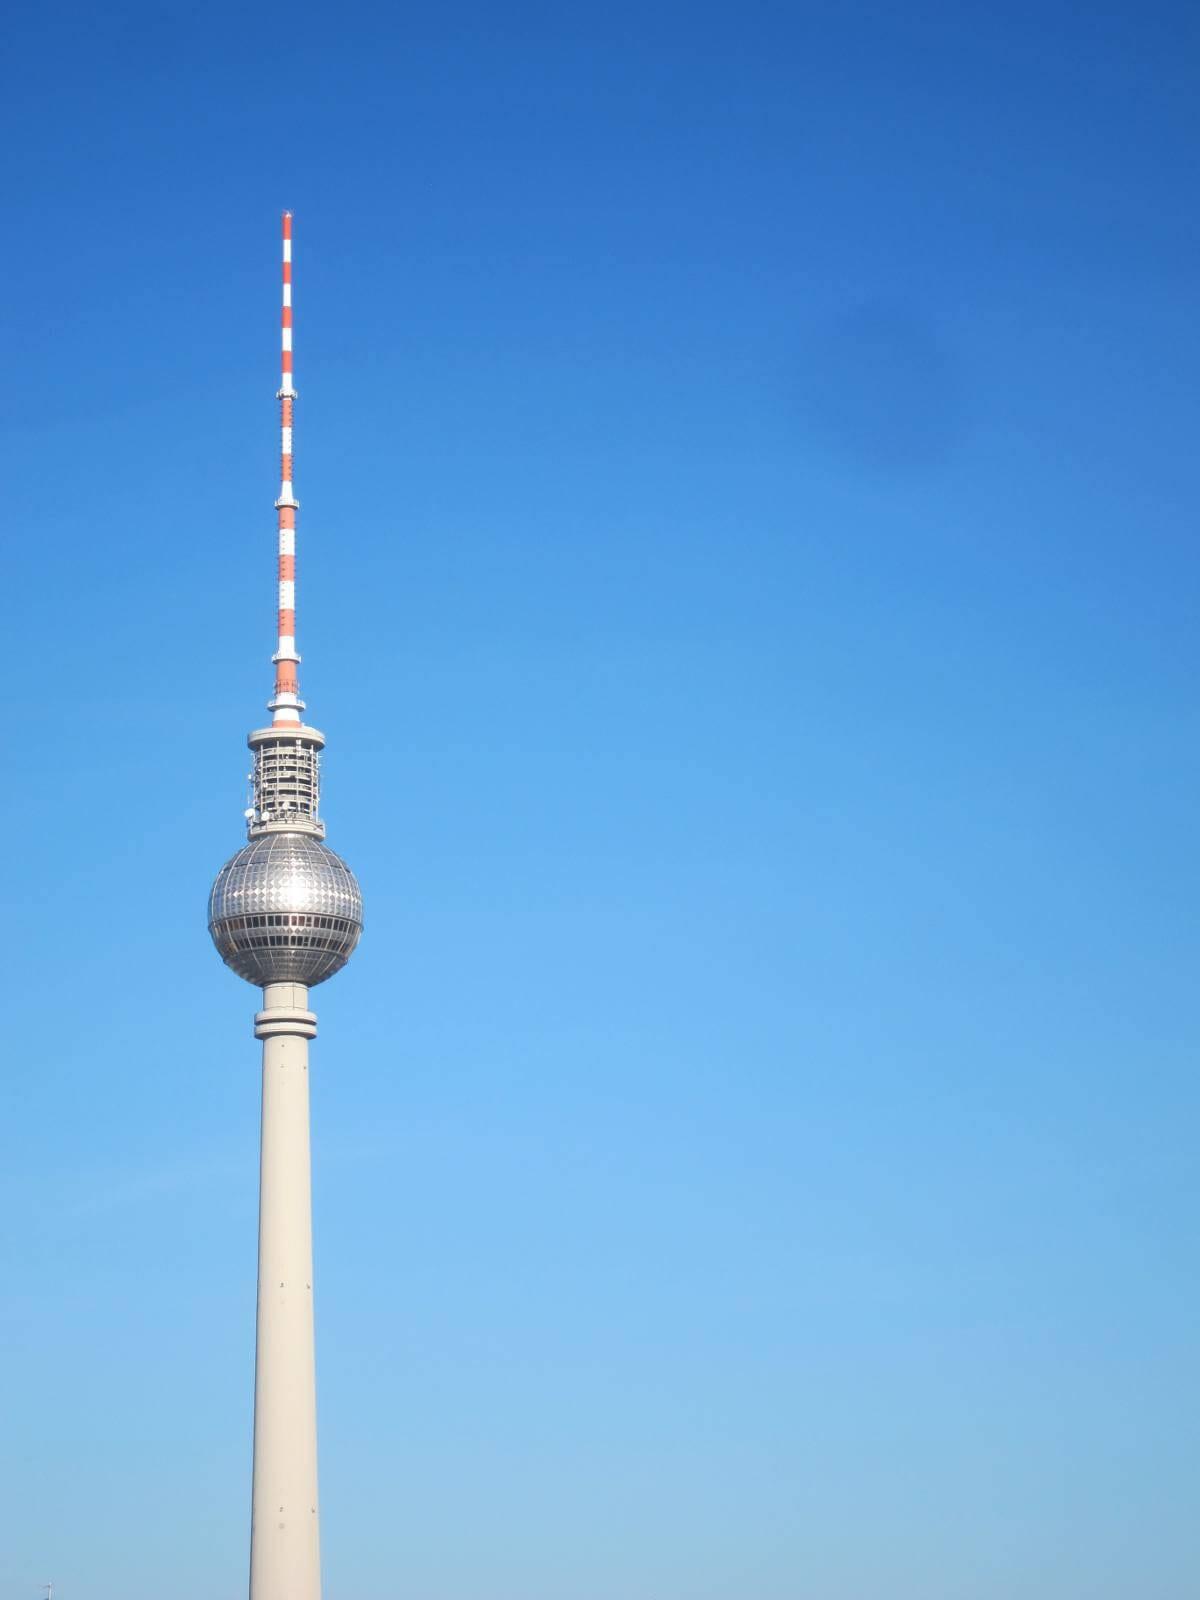 Fernsehturm von Berlin. (Bild: © Initiative Echte Soziale Marktwirtschaft (IESM)/ pixelio.de)